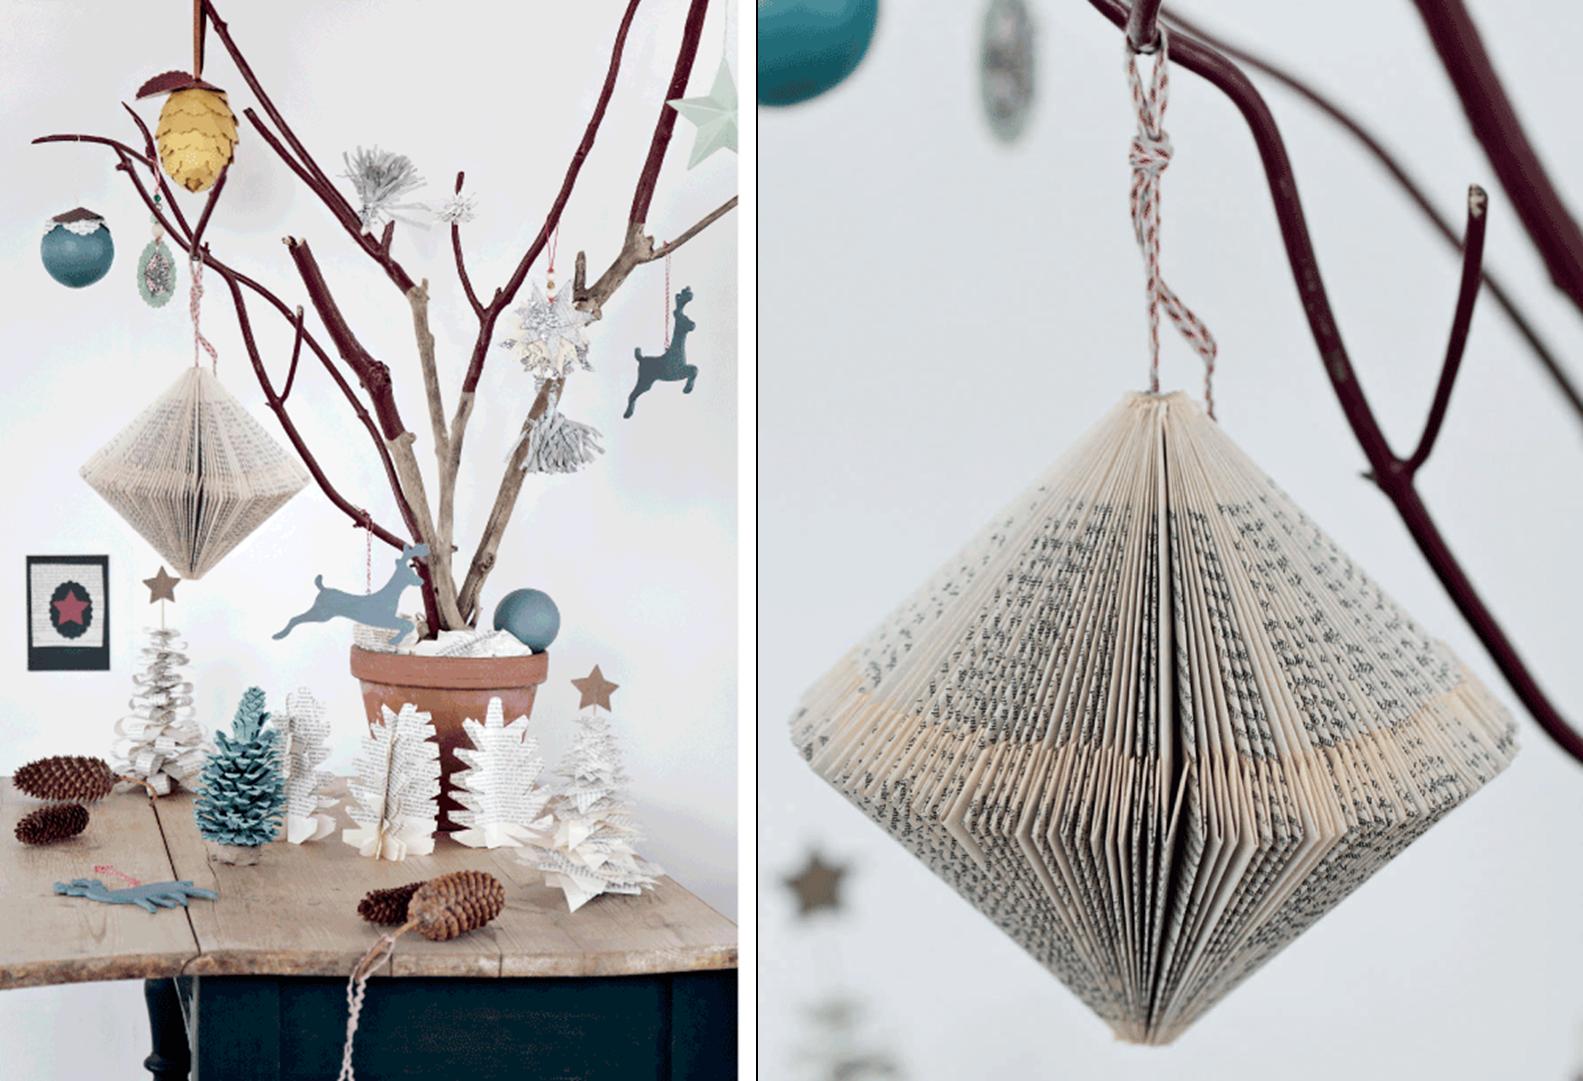 Decoraci n f cil adornos de navidad reciclando papel for Adornos casa ideas